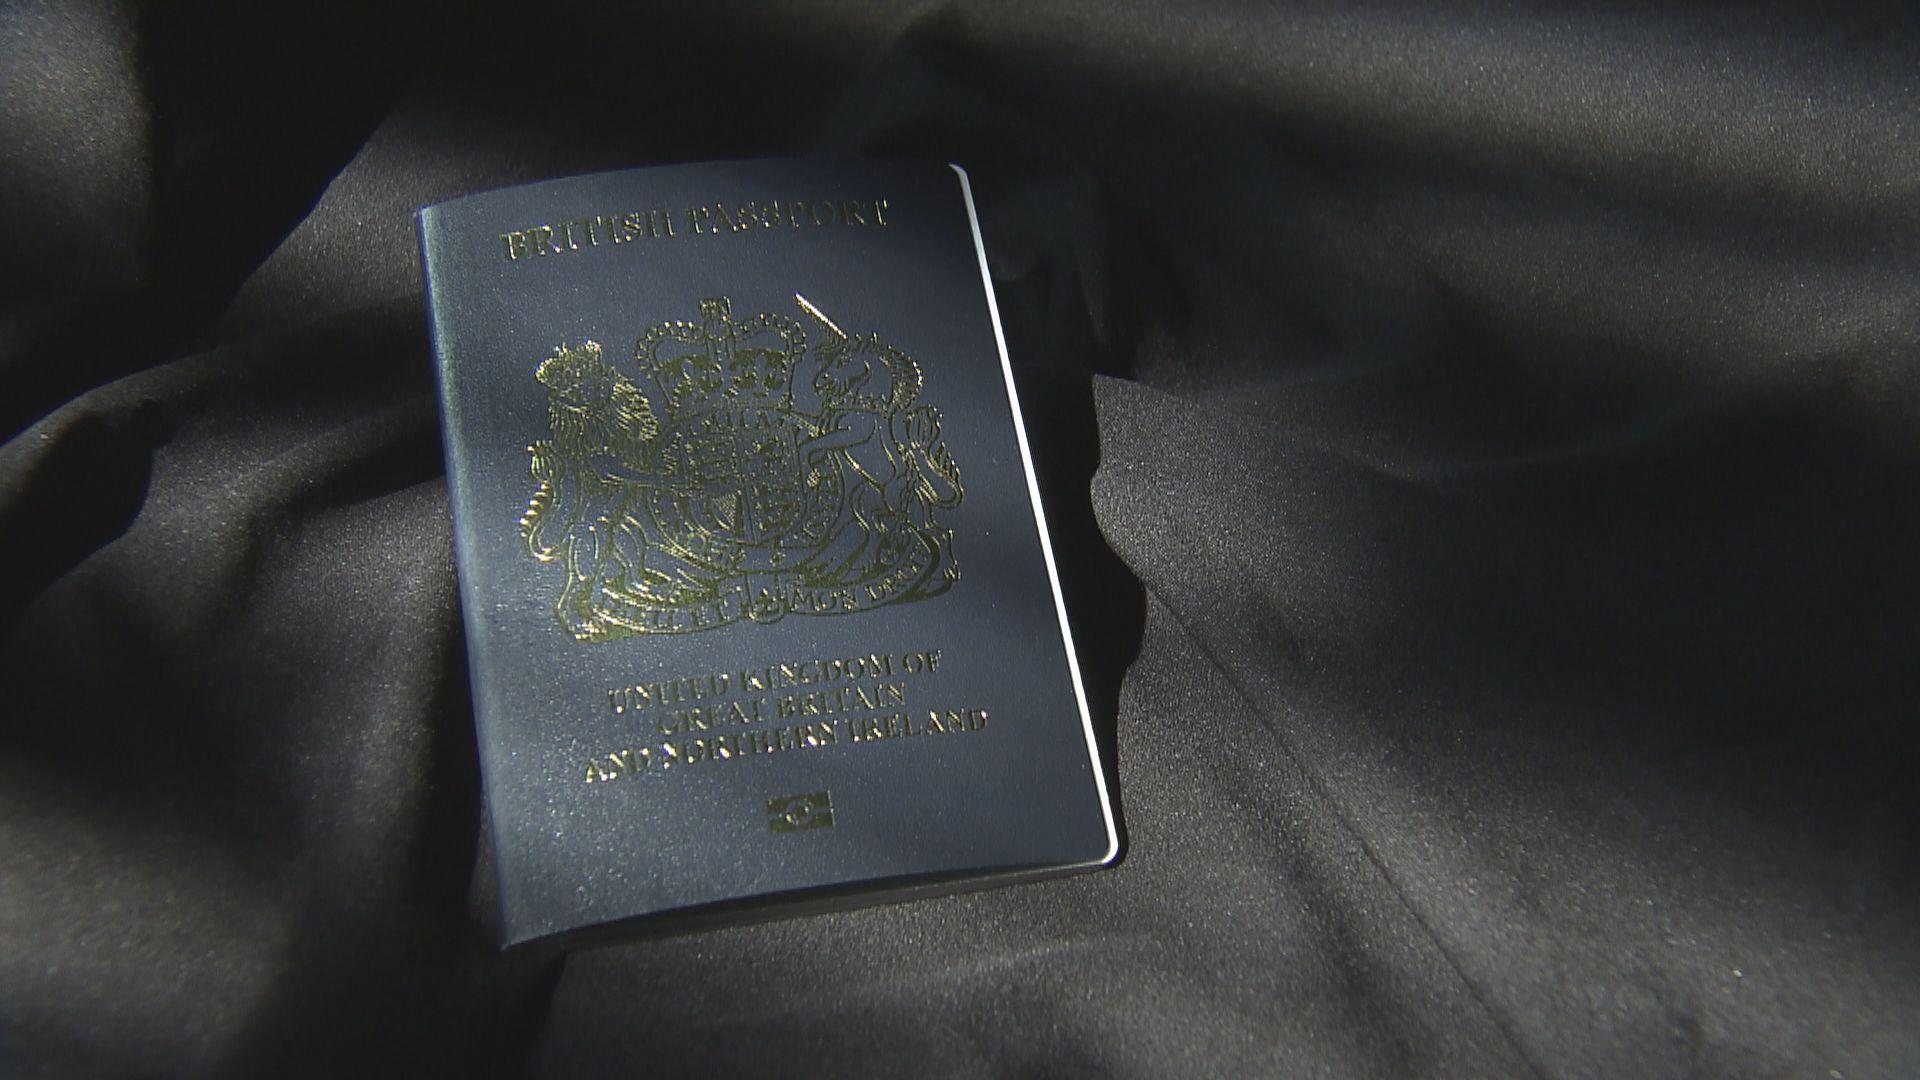 【即日焦點】中方周日起拒認BNO為旅遊證件 葉劉:港人不能以BNO訂機票回港;市民憂電話卡實名制侵私隱 小商戶批打擊生計